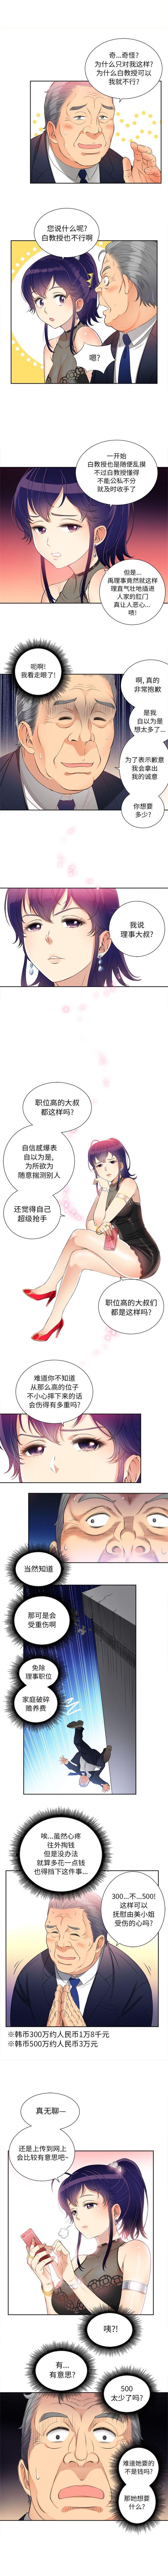 由莉的秘密1-60 中文翻译 (更新中) 83